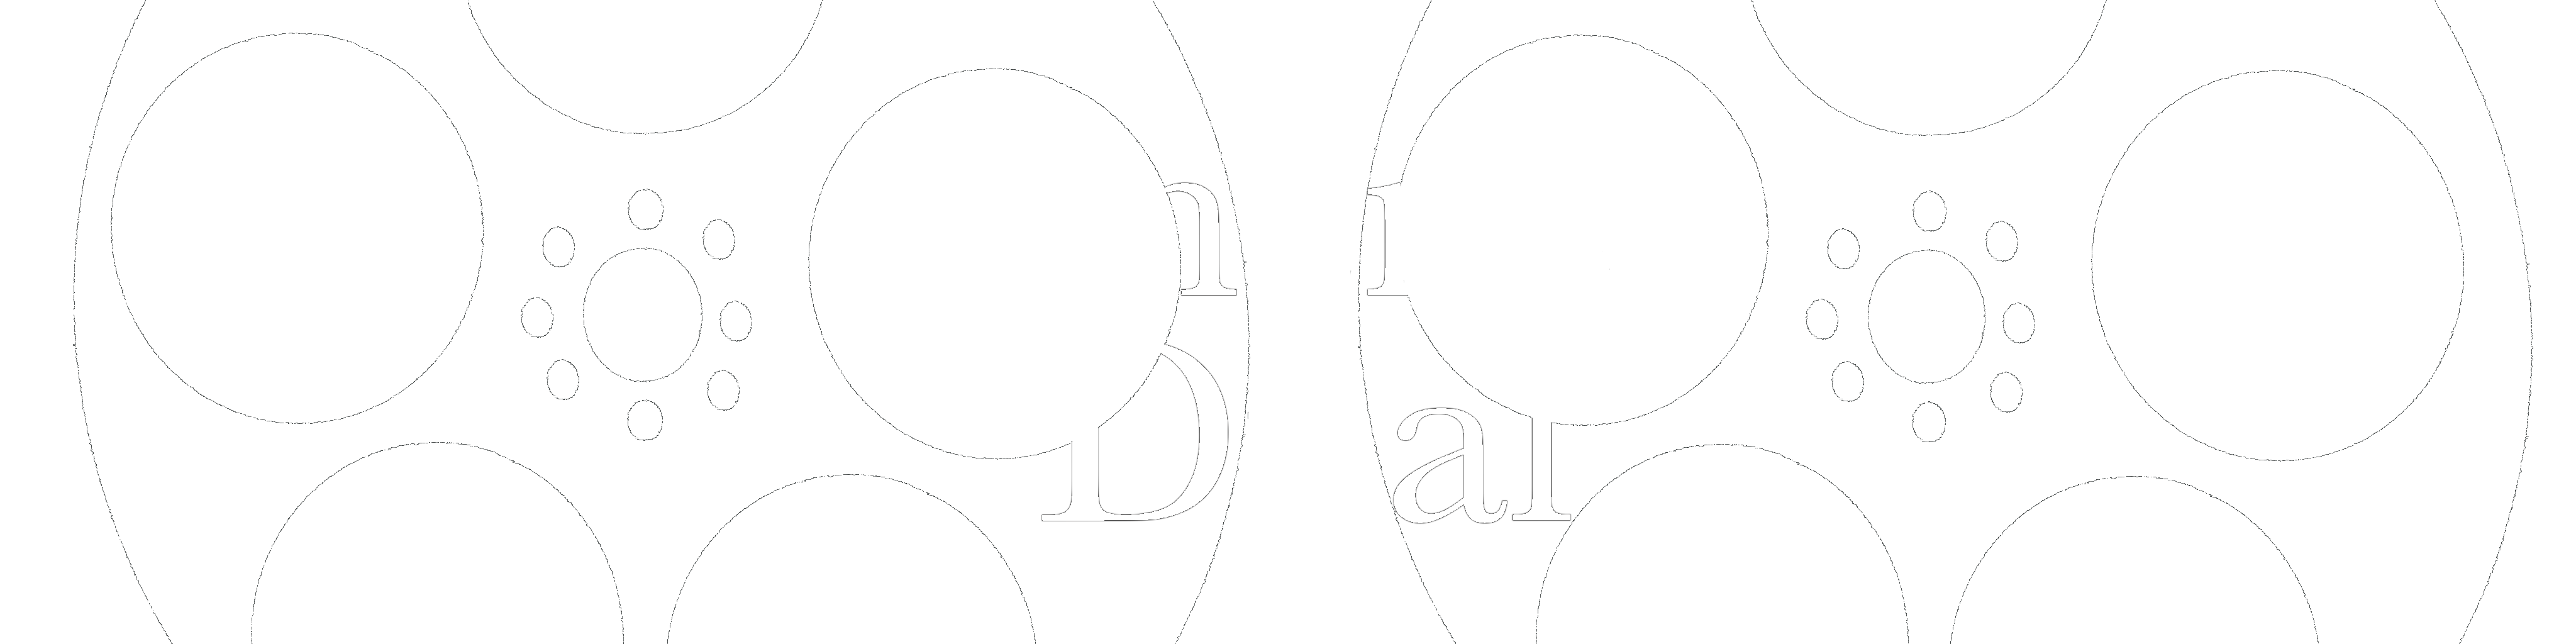 Cinema Dual